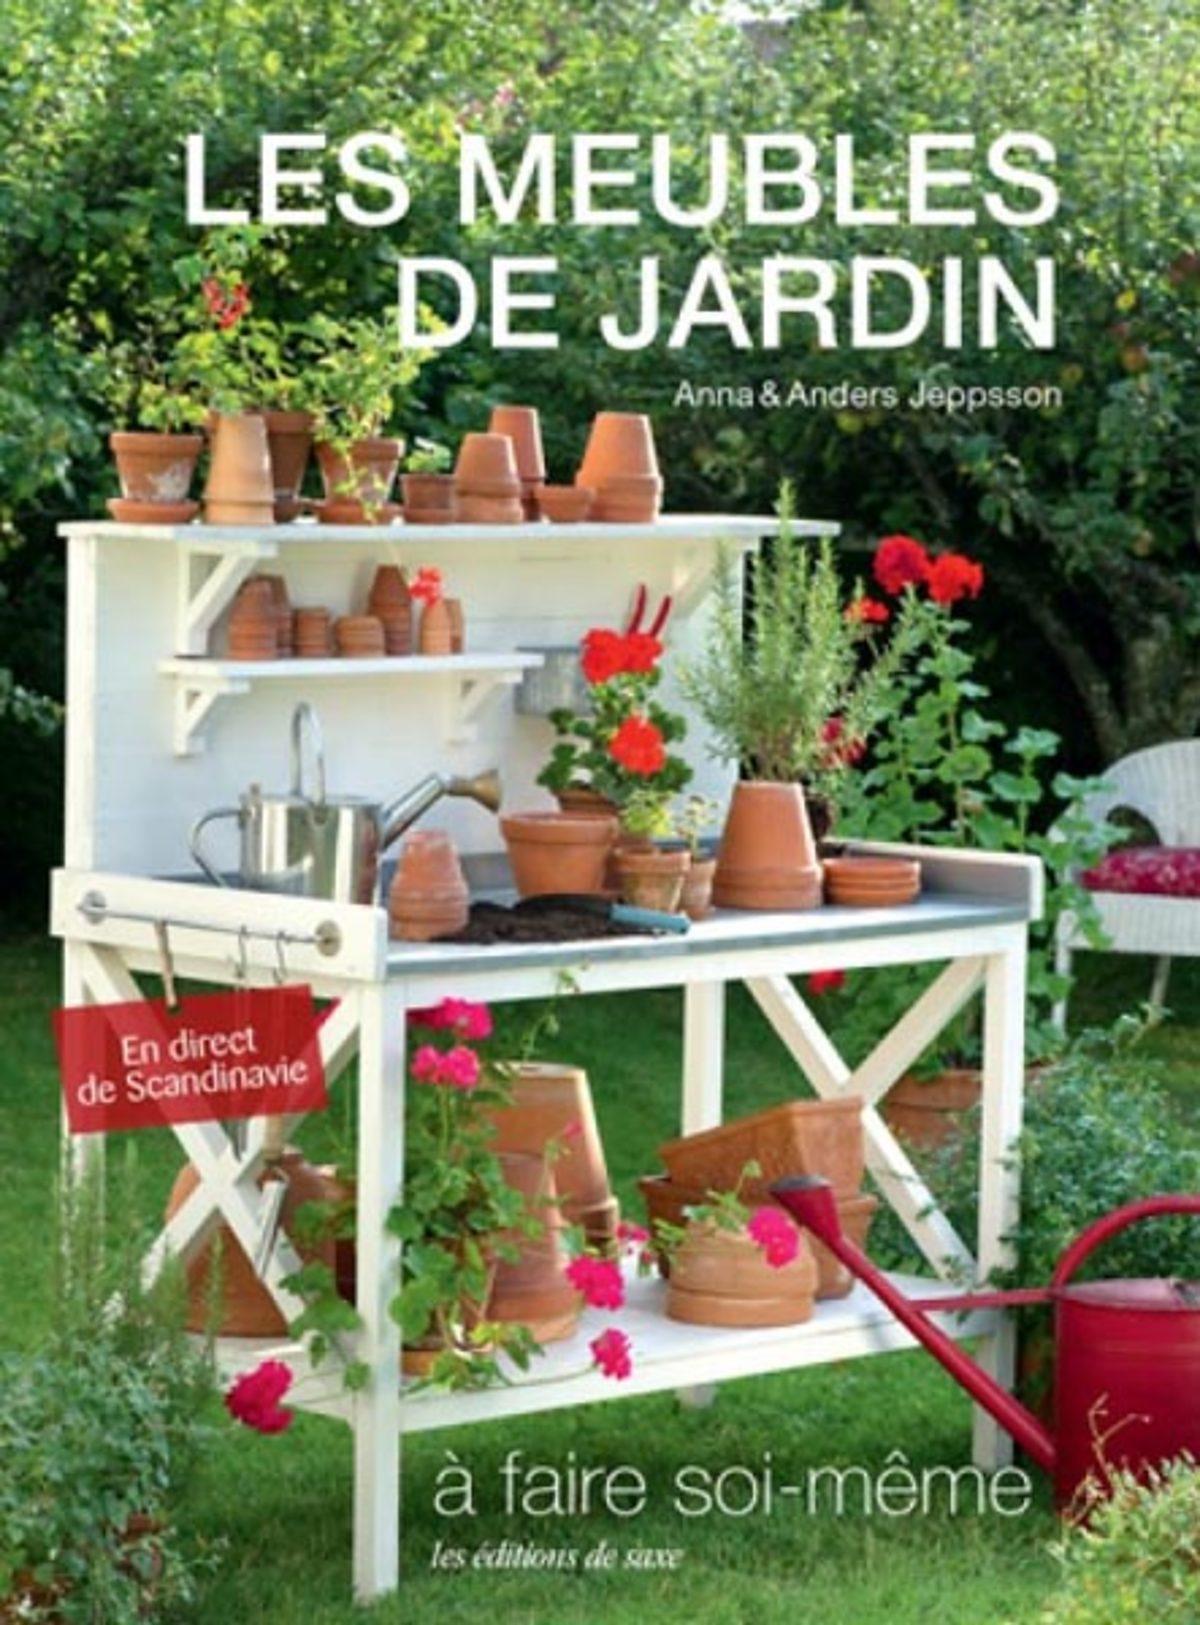 les meubles de jardin